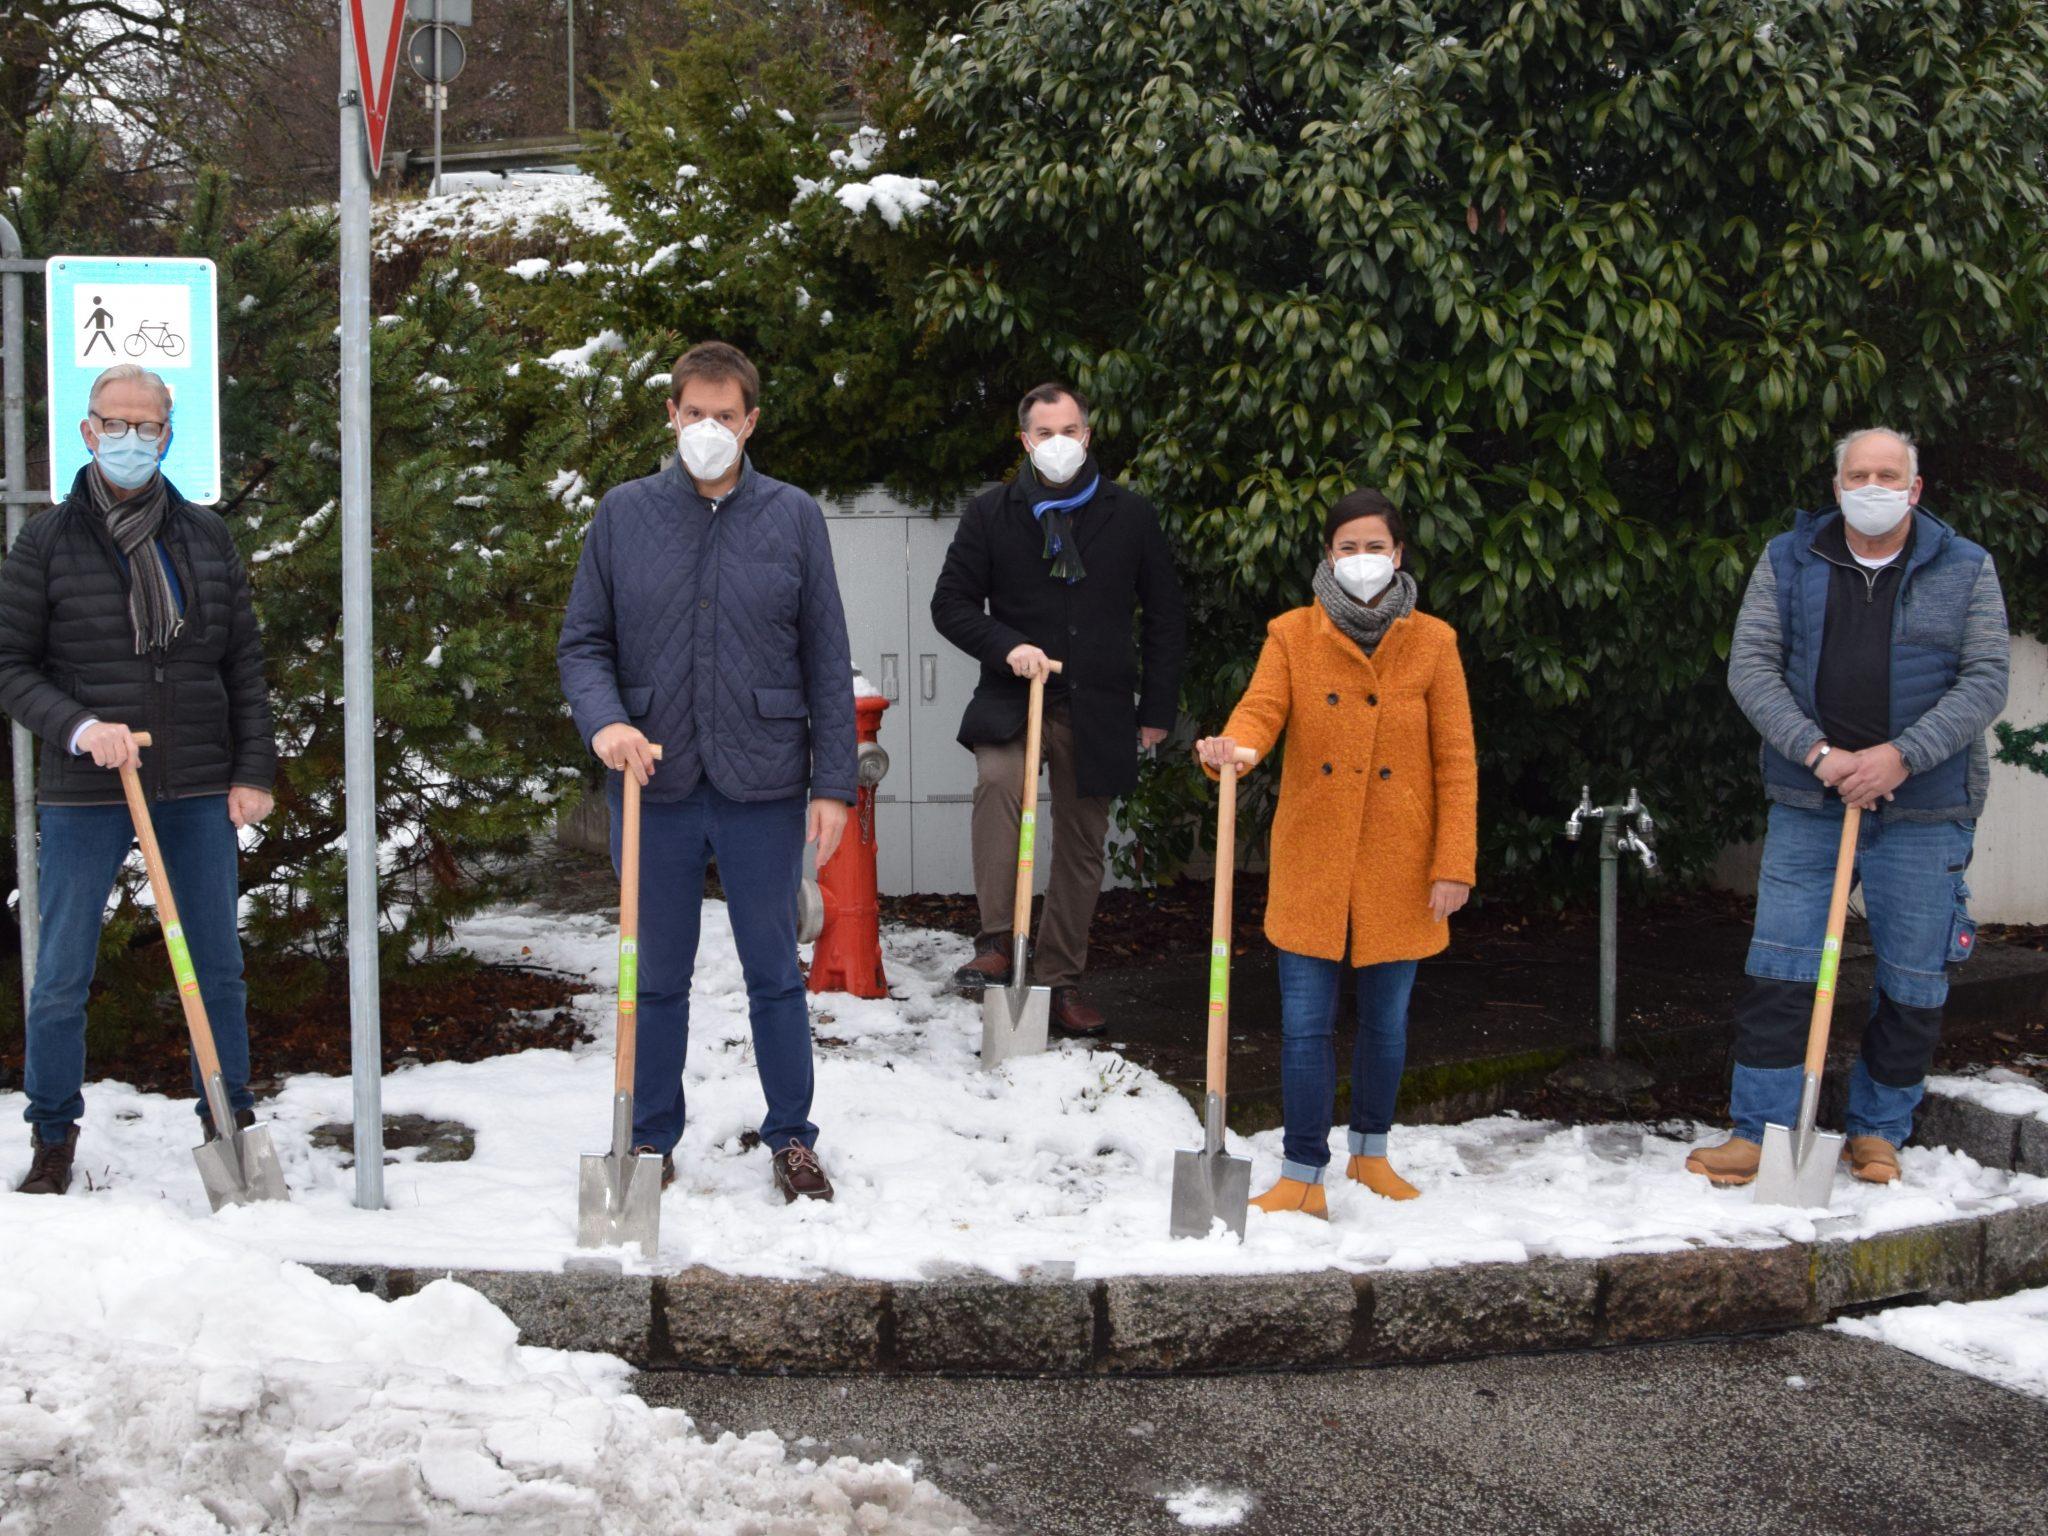 Tiefbauarbeiten in Laufenburg haben begonnen